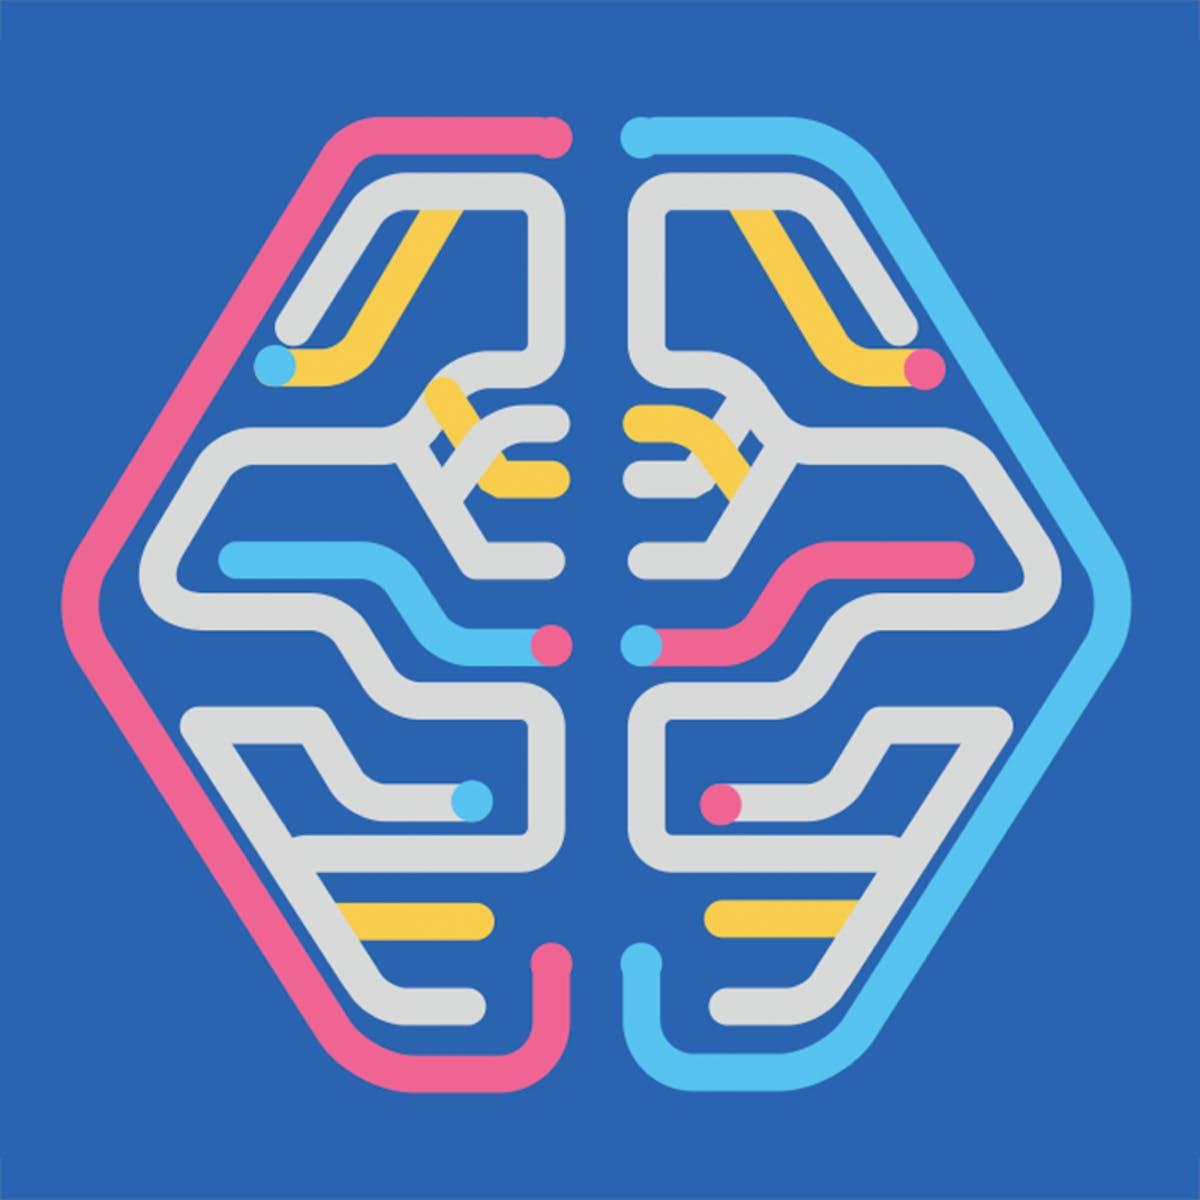 Launching into Machine Learning en Español